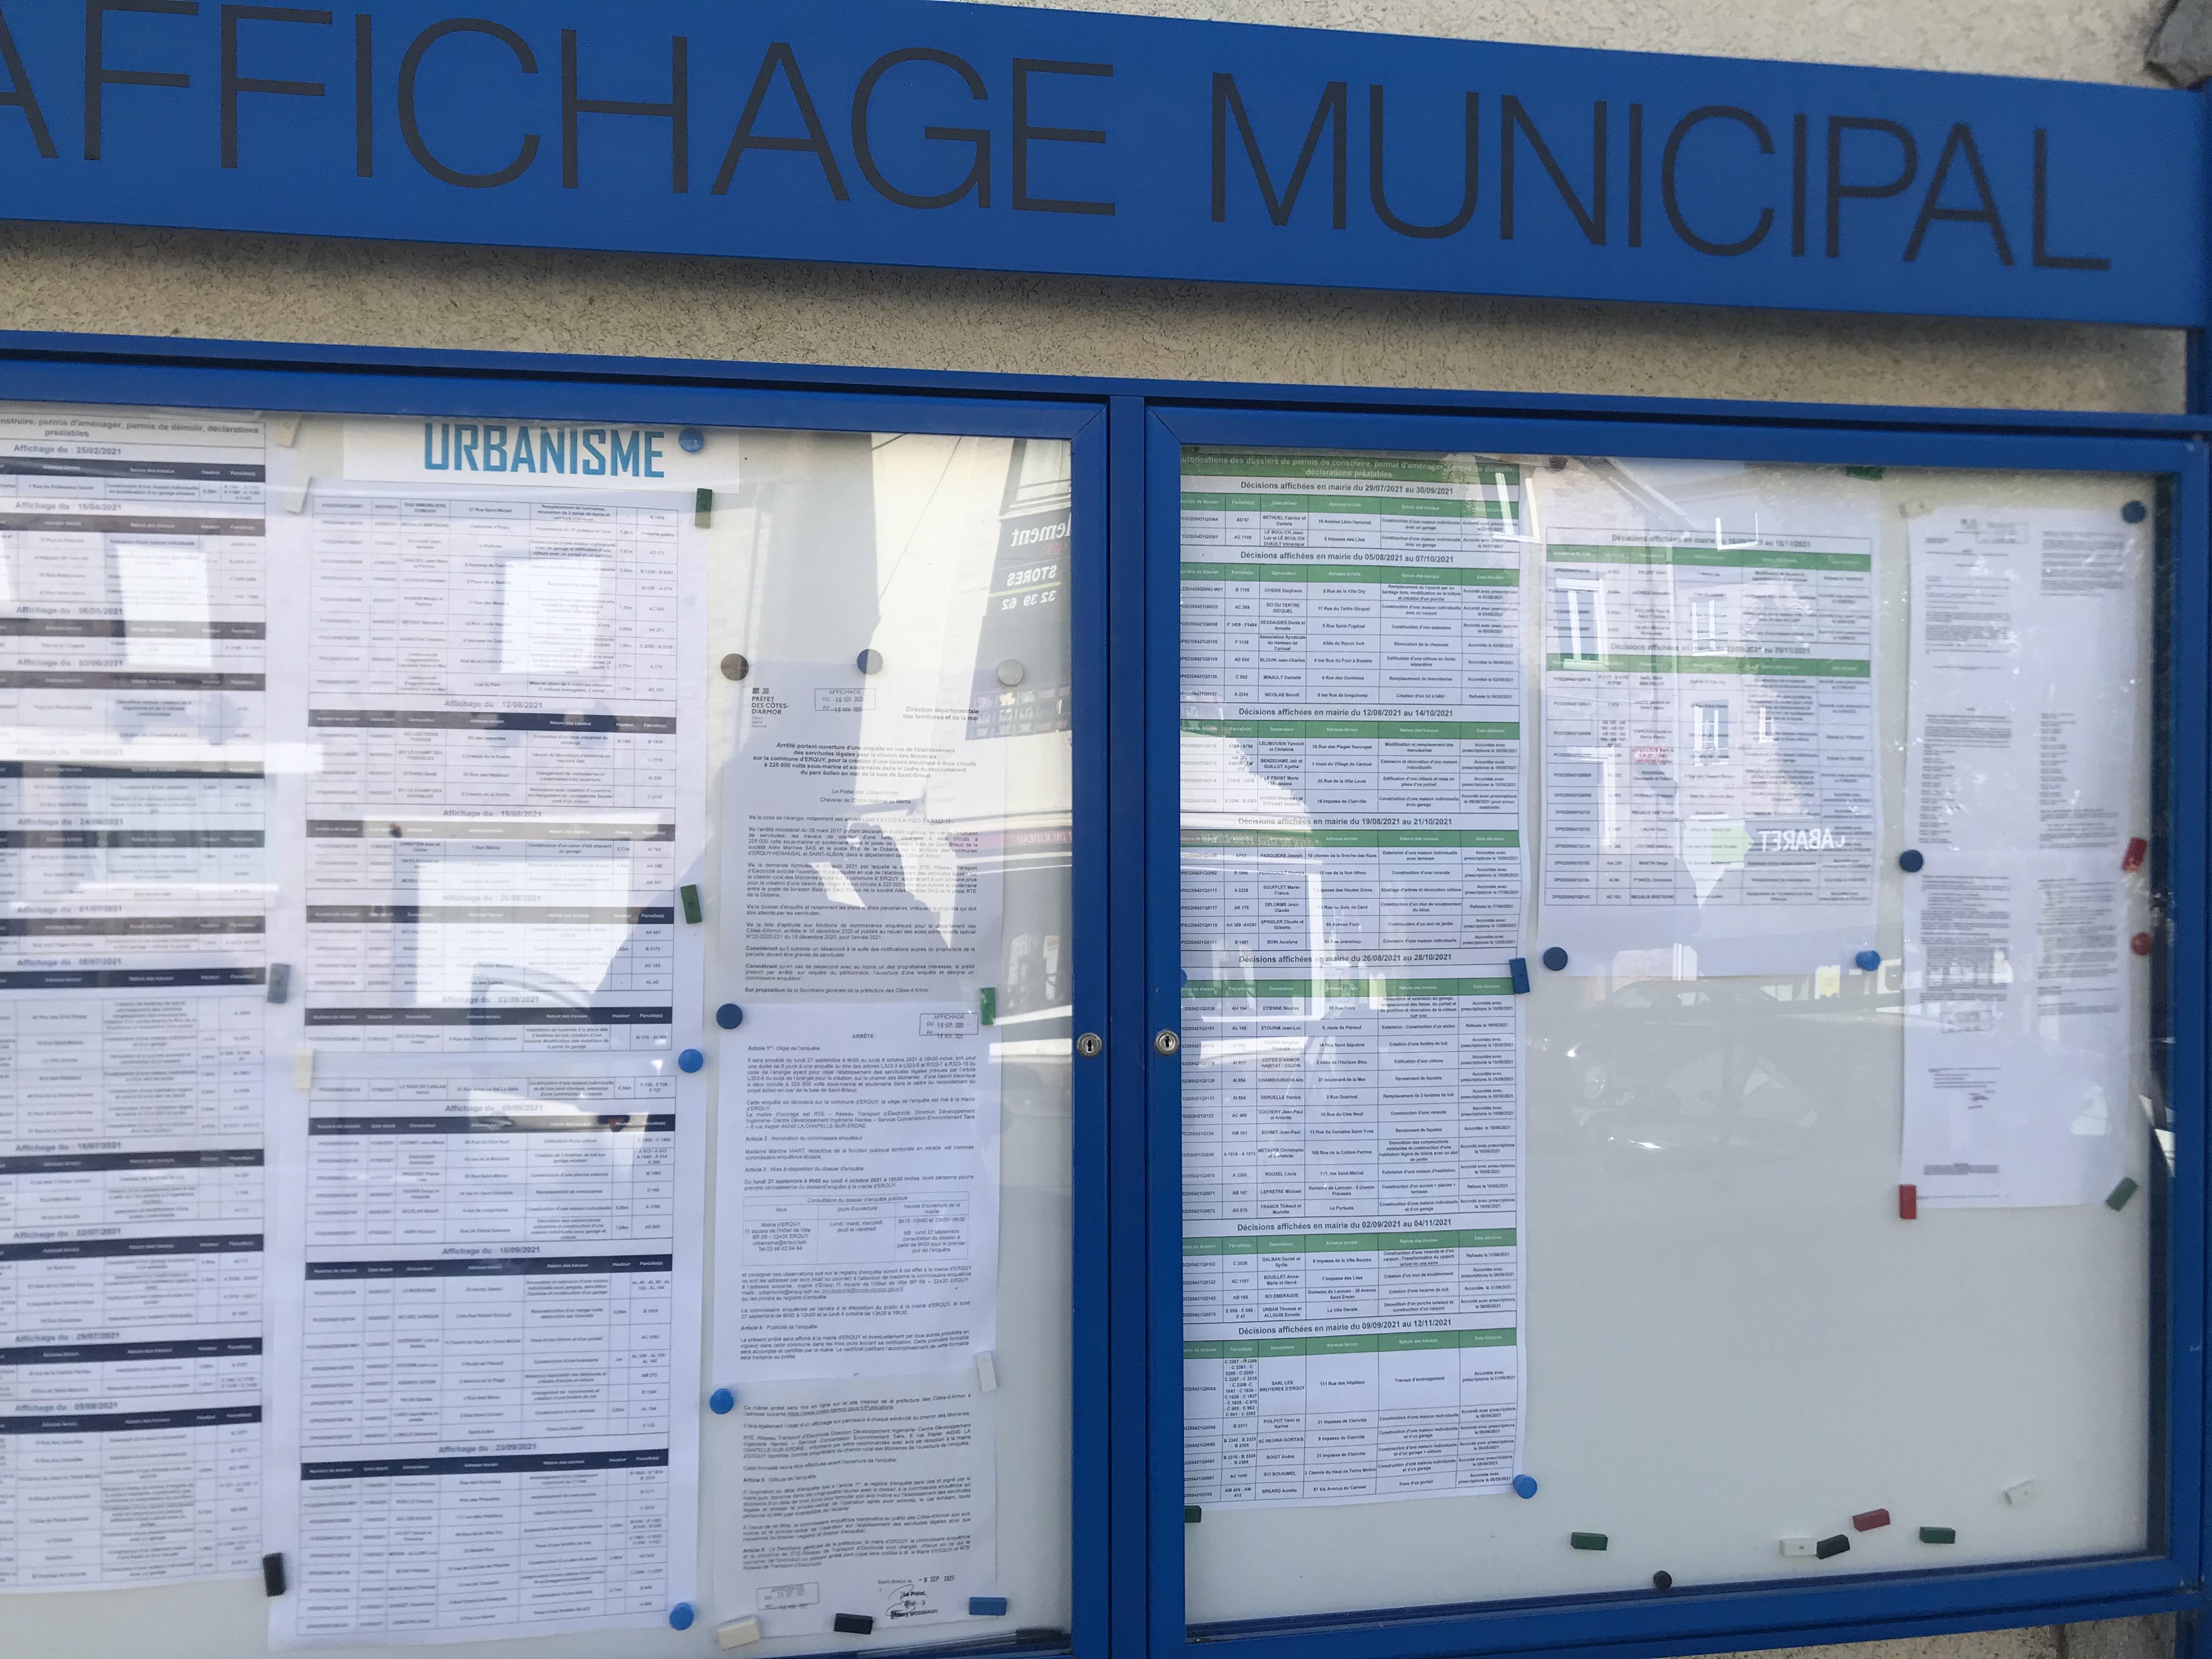 Affichage à la mairie d'Erquy